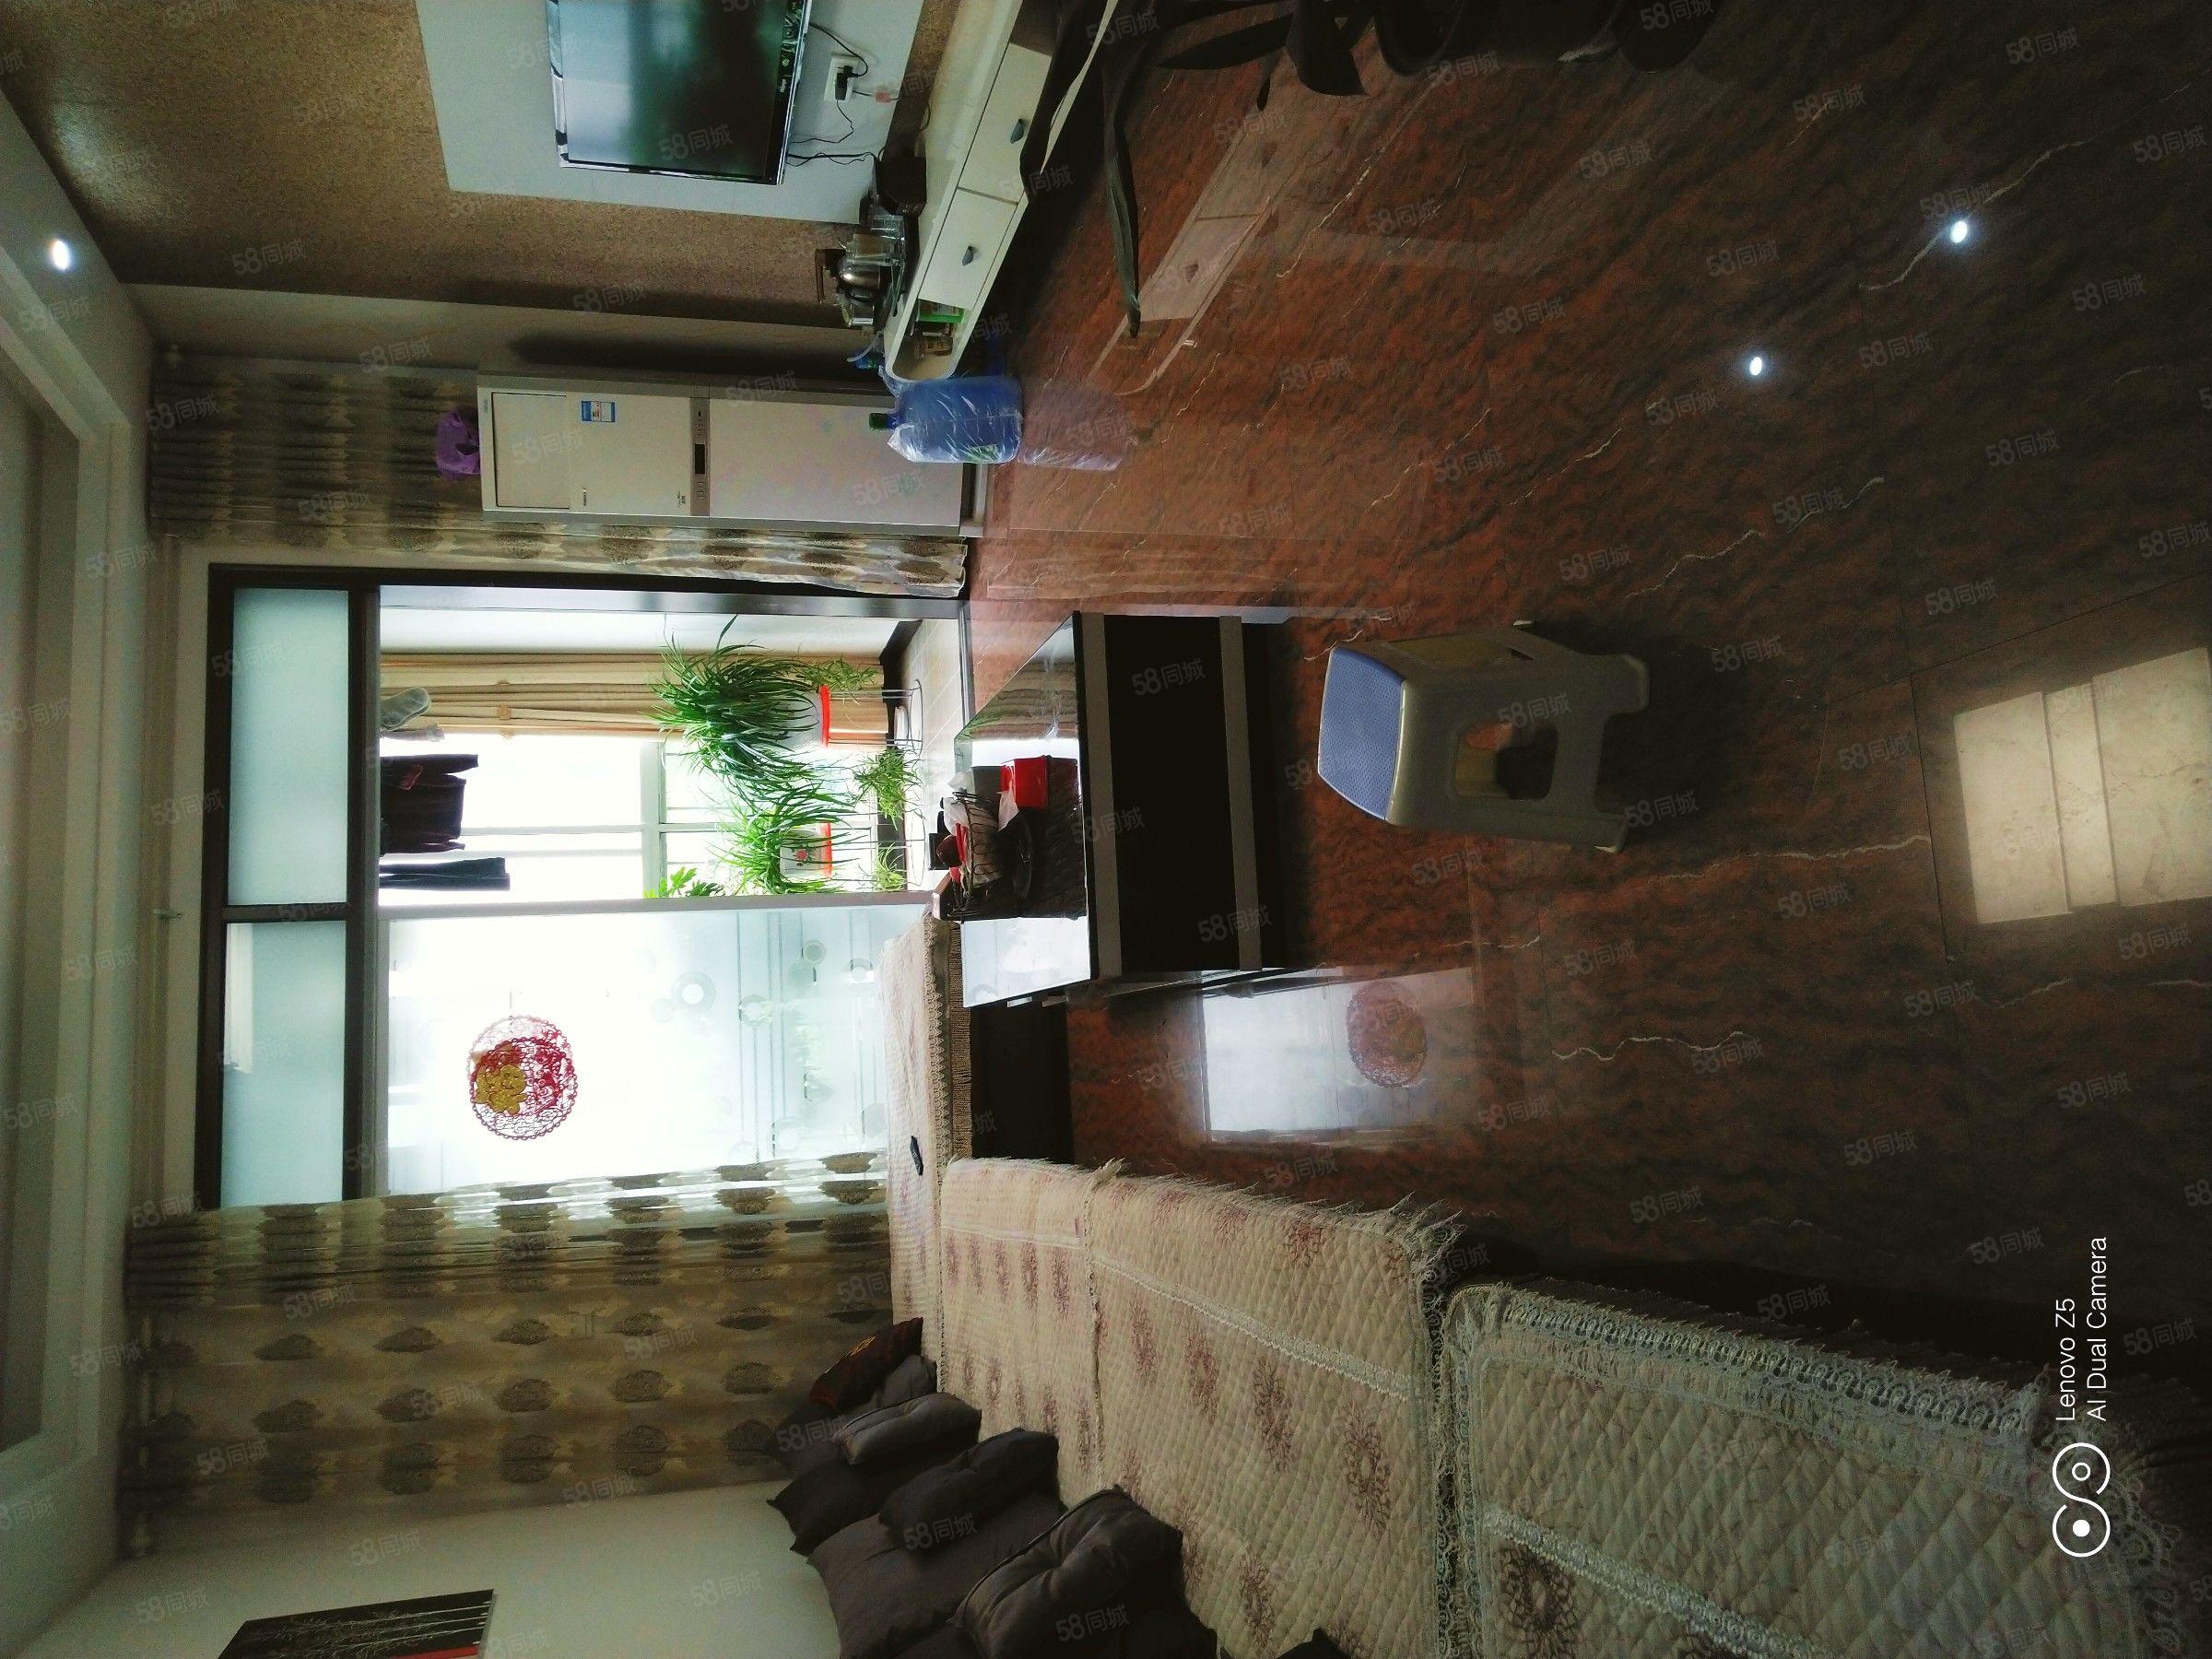 z5祥和新村三室两厅两卫精装修南北通透小区环境优美6876